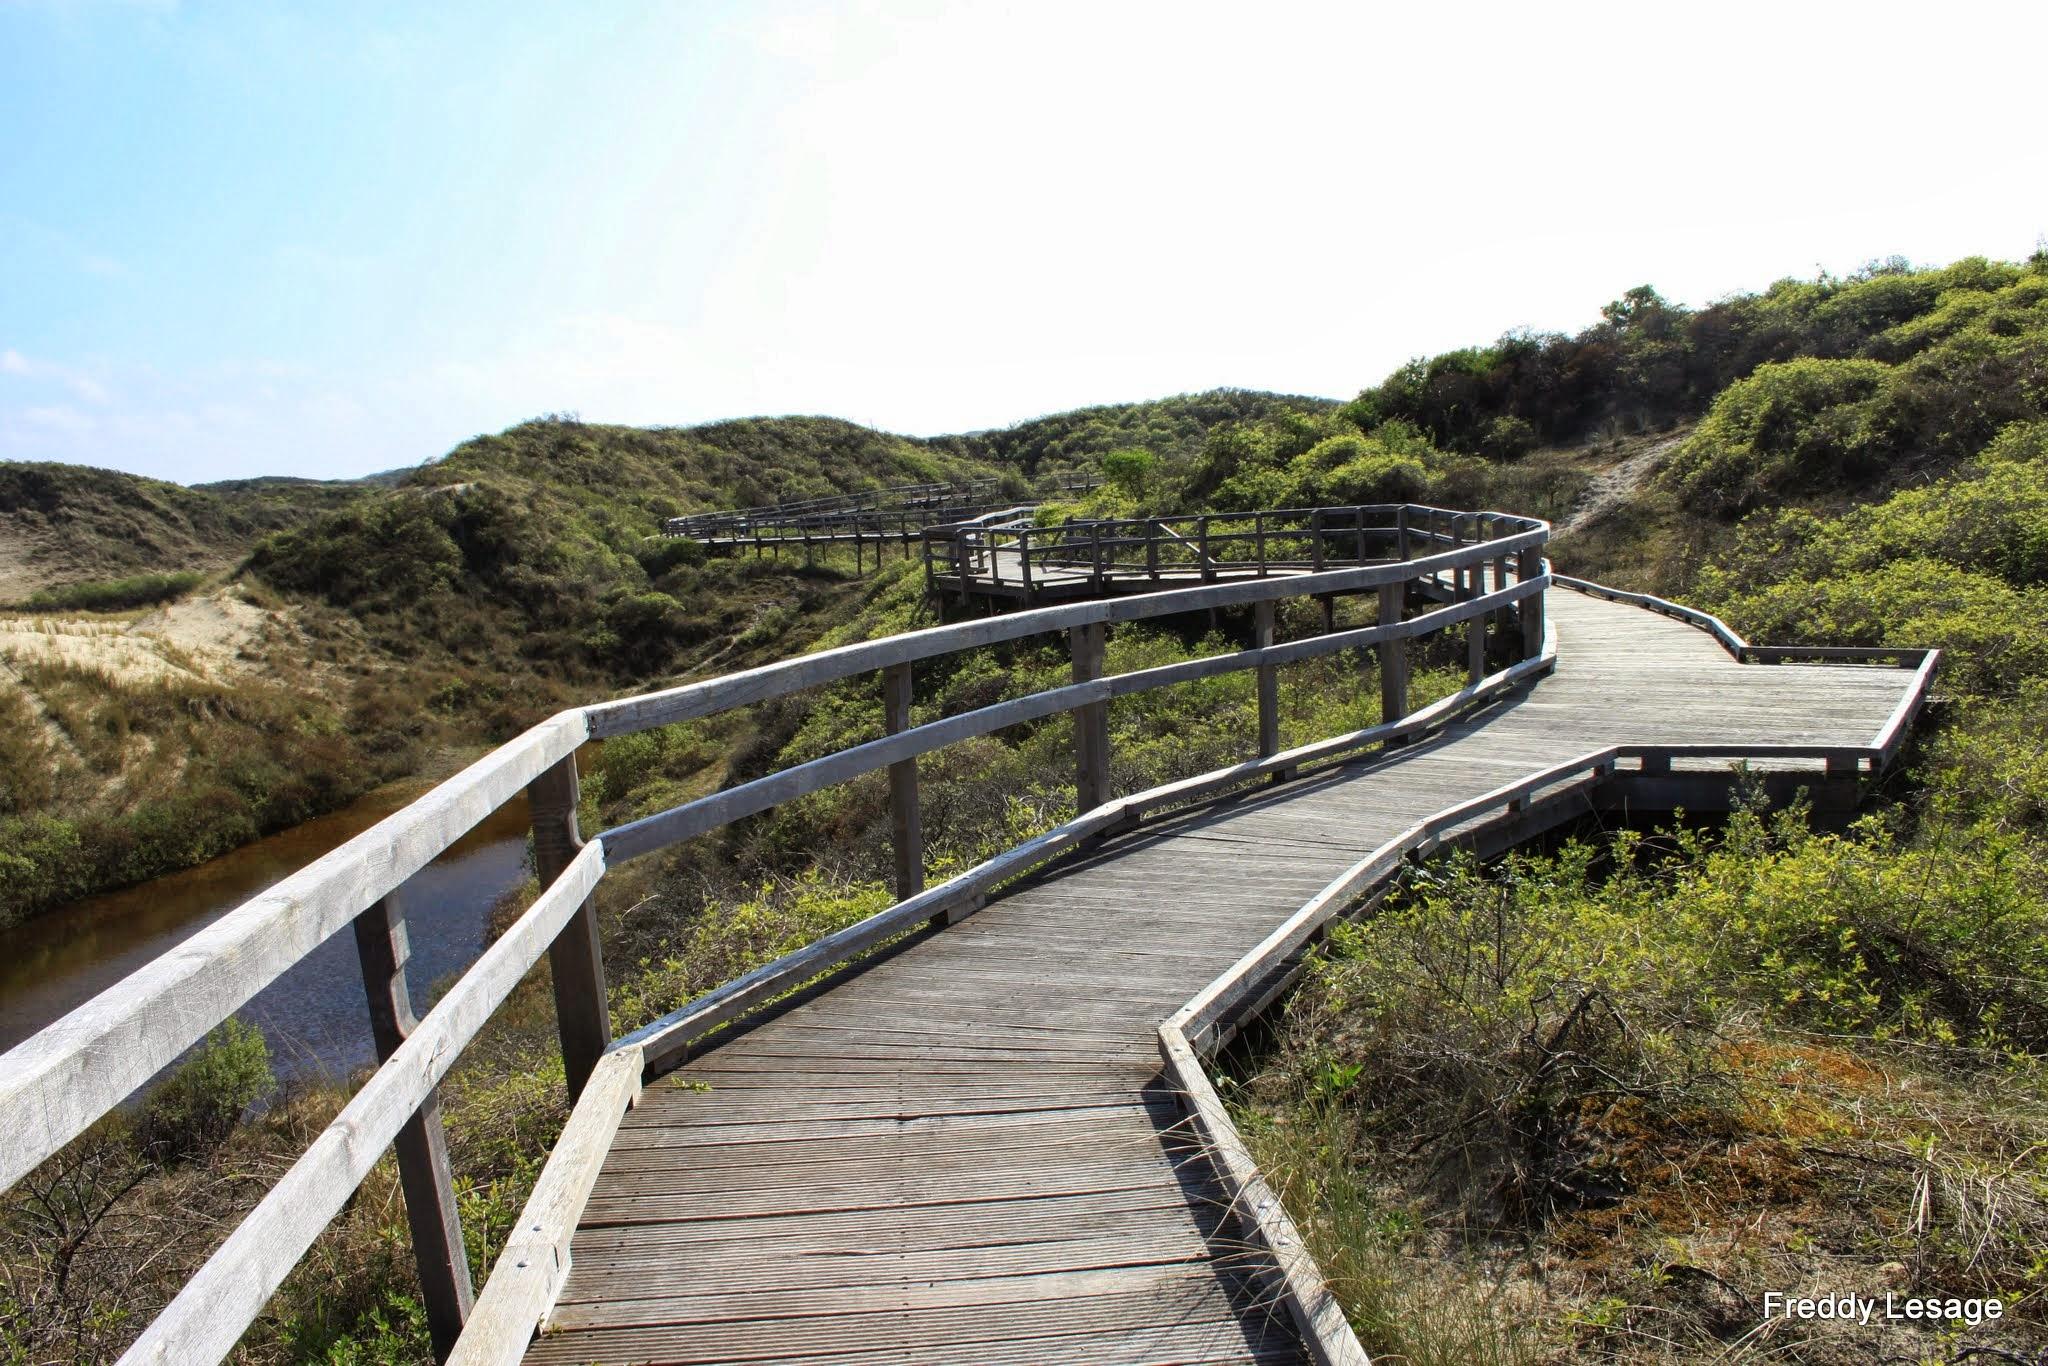 Photo: We starten met een loopbruggenparcours van 1,7 km in de beschermde duinen van Merlimont-Plage.